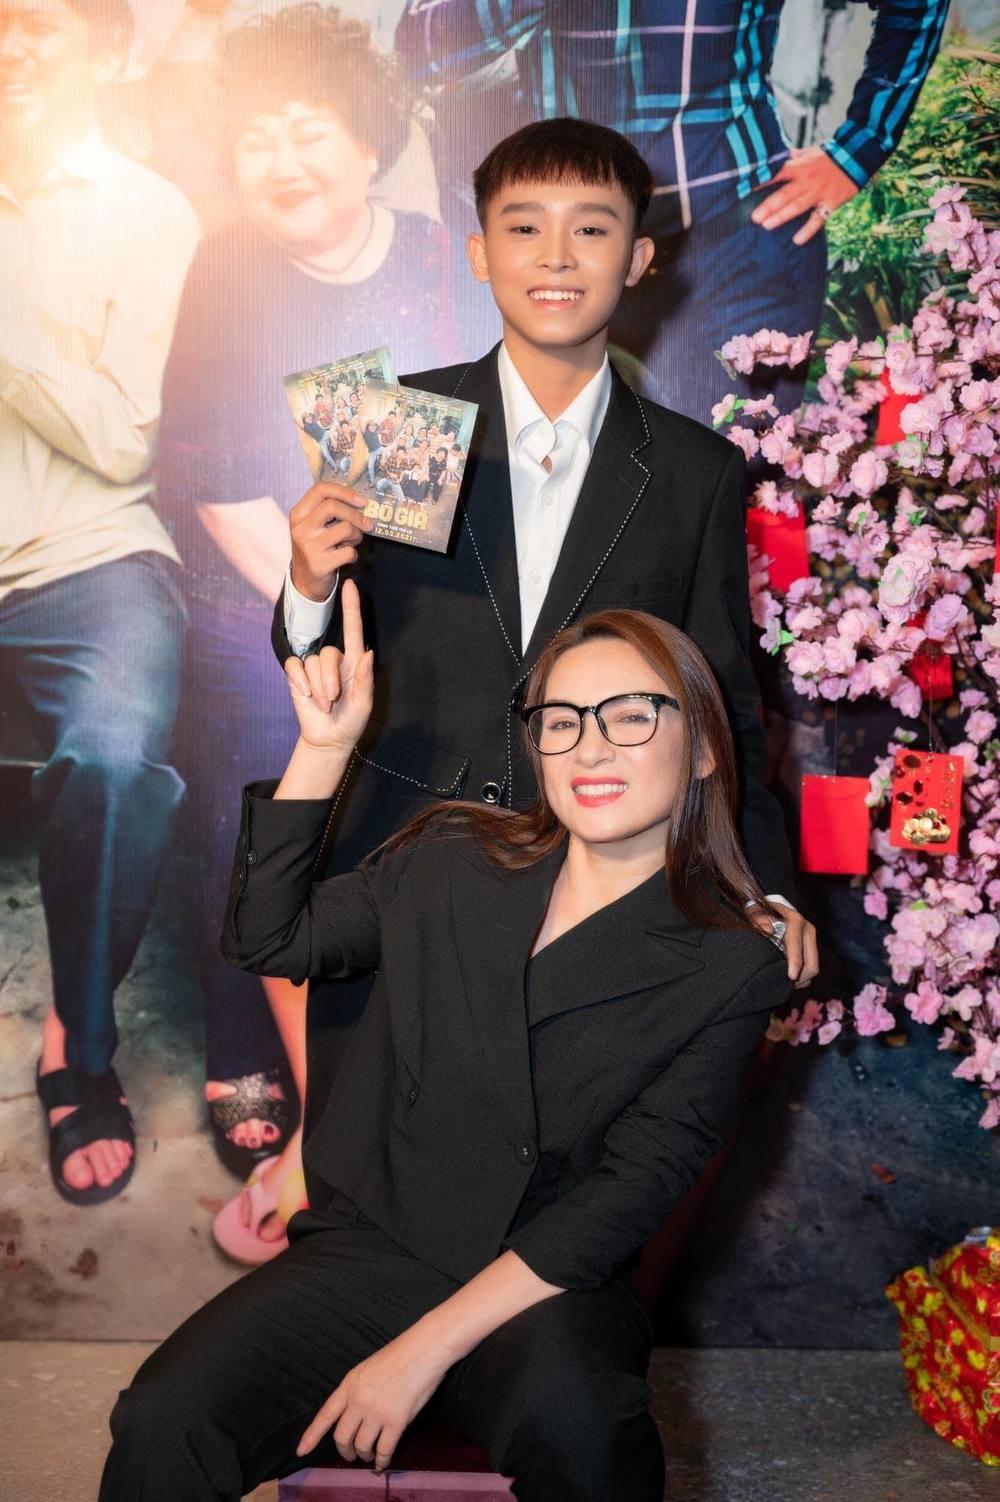 Từ khi Phi Nhung nhận nuôi Hồ Văn Cường vào năm 2016, nữ ca sĩ đã đồng hành với anh trên chặng đường từ cuộc sống cho đến sự nghiệp.